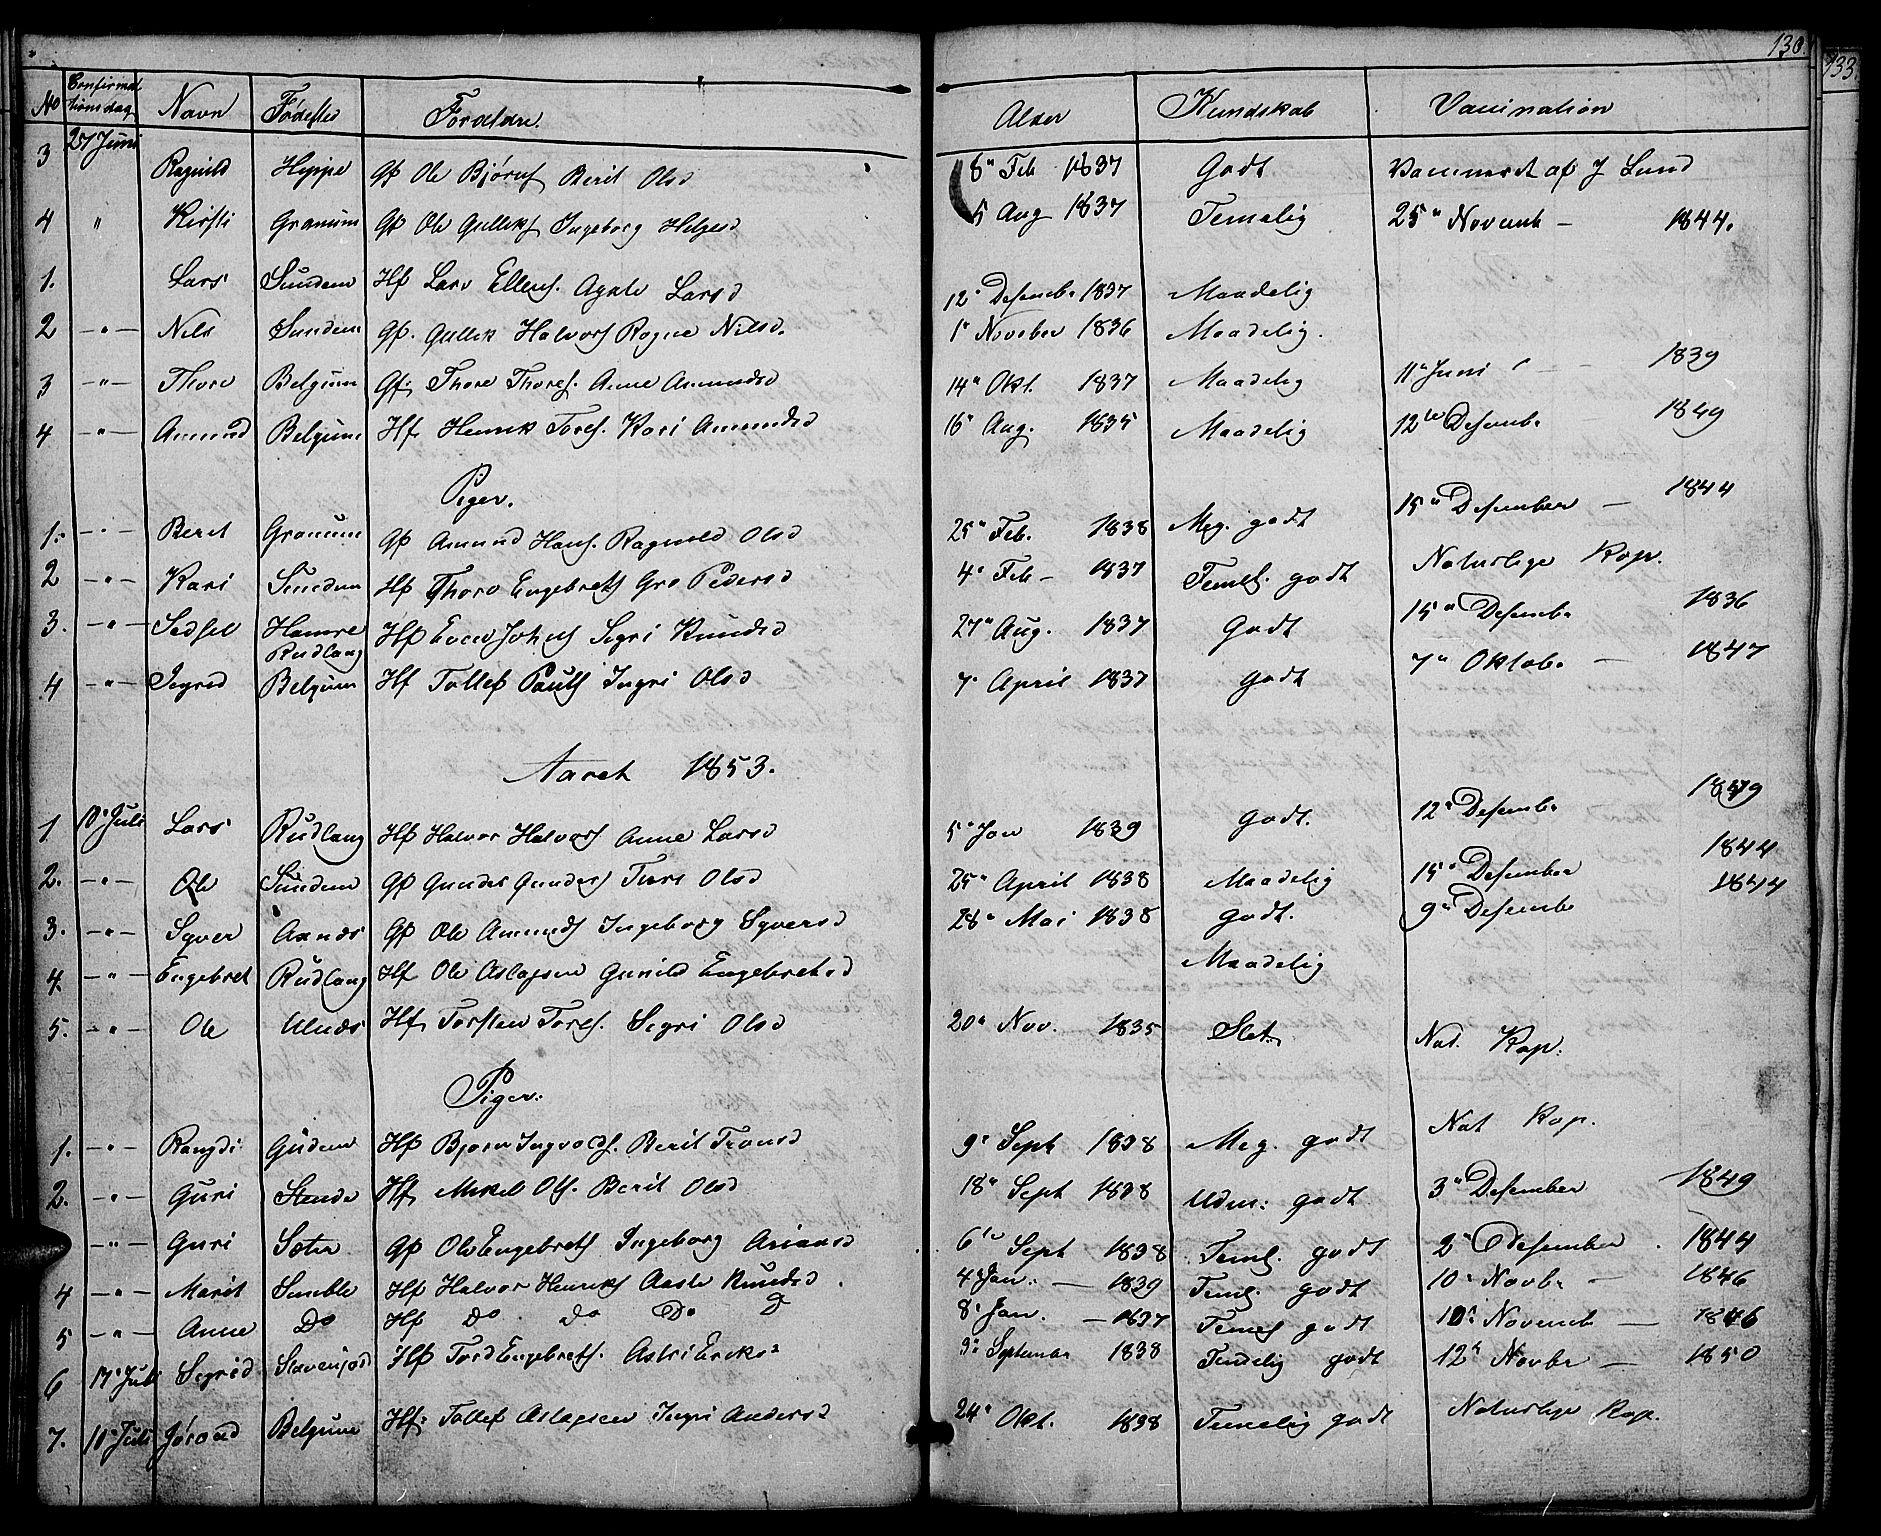 SAH, Nord-Aurdal prestekontor, Klokkerbok nr. 4, 1842-1882, s. 130